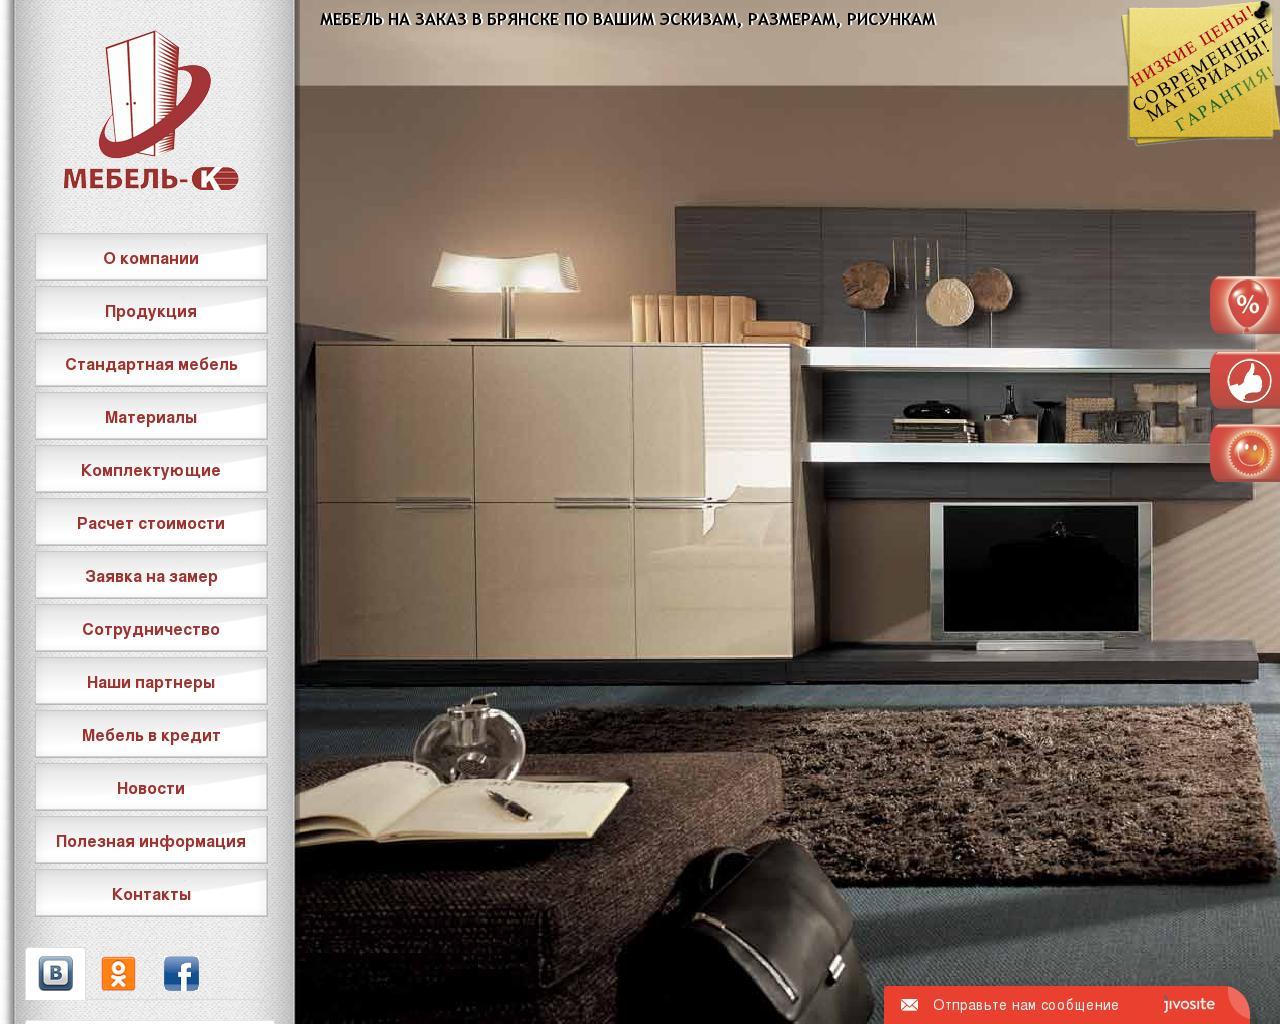 Mebelsk32.ru мебель на заказ в брянске. ведущий производител.